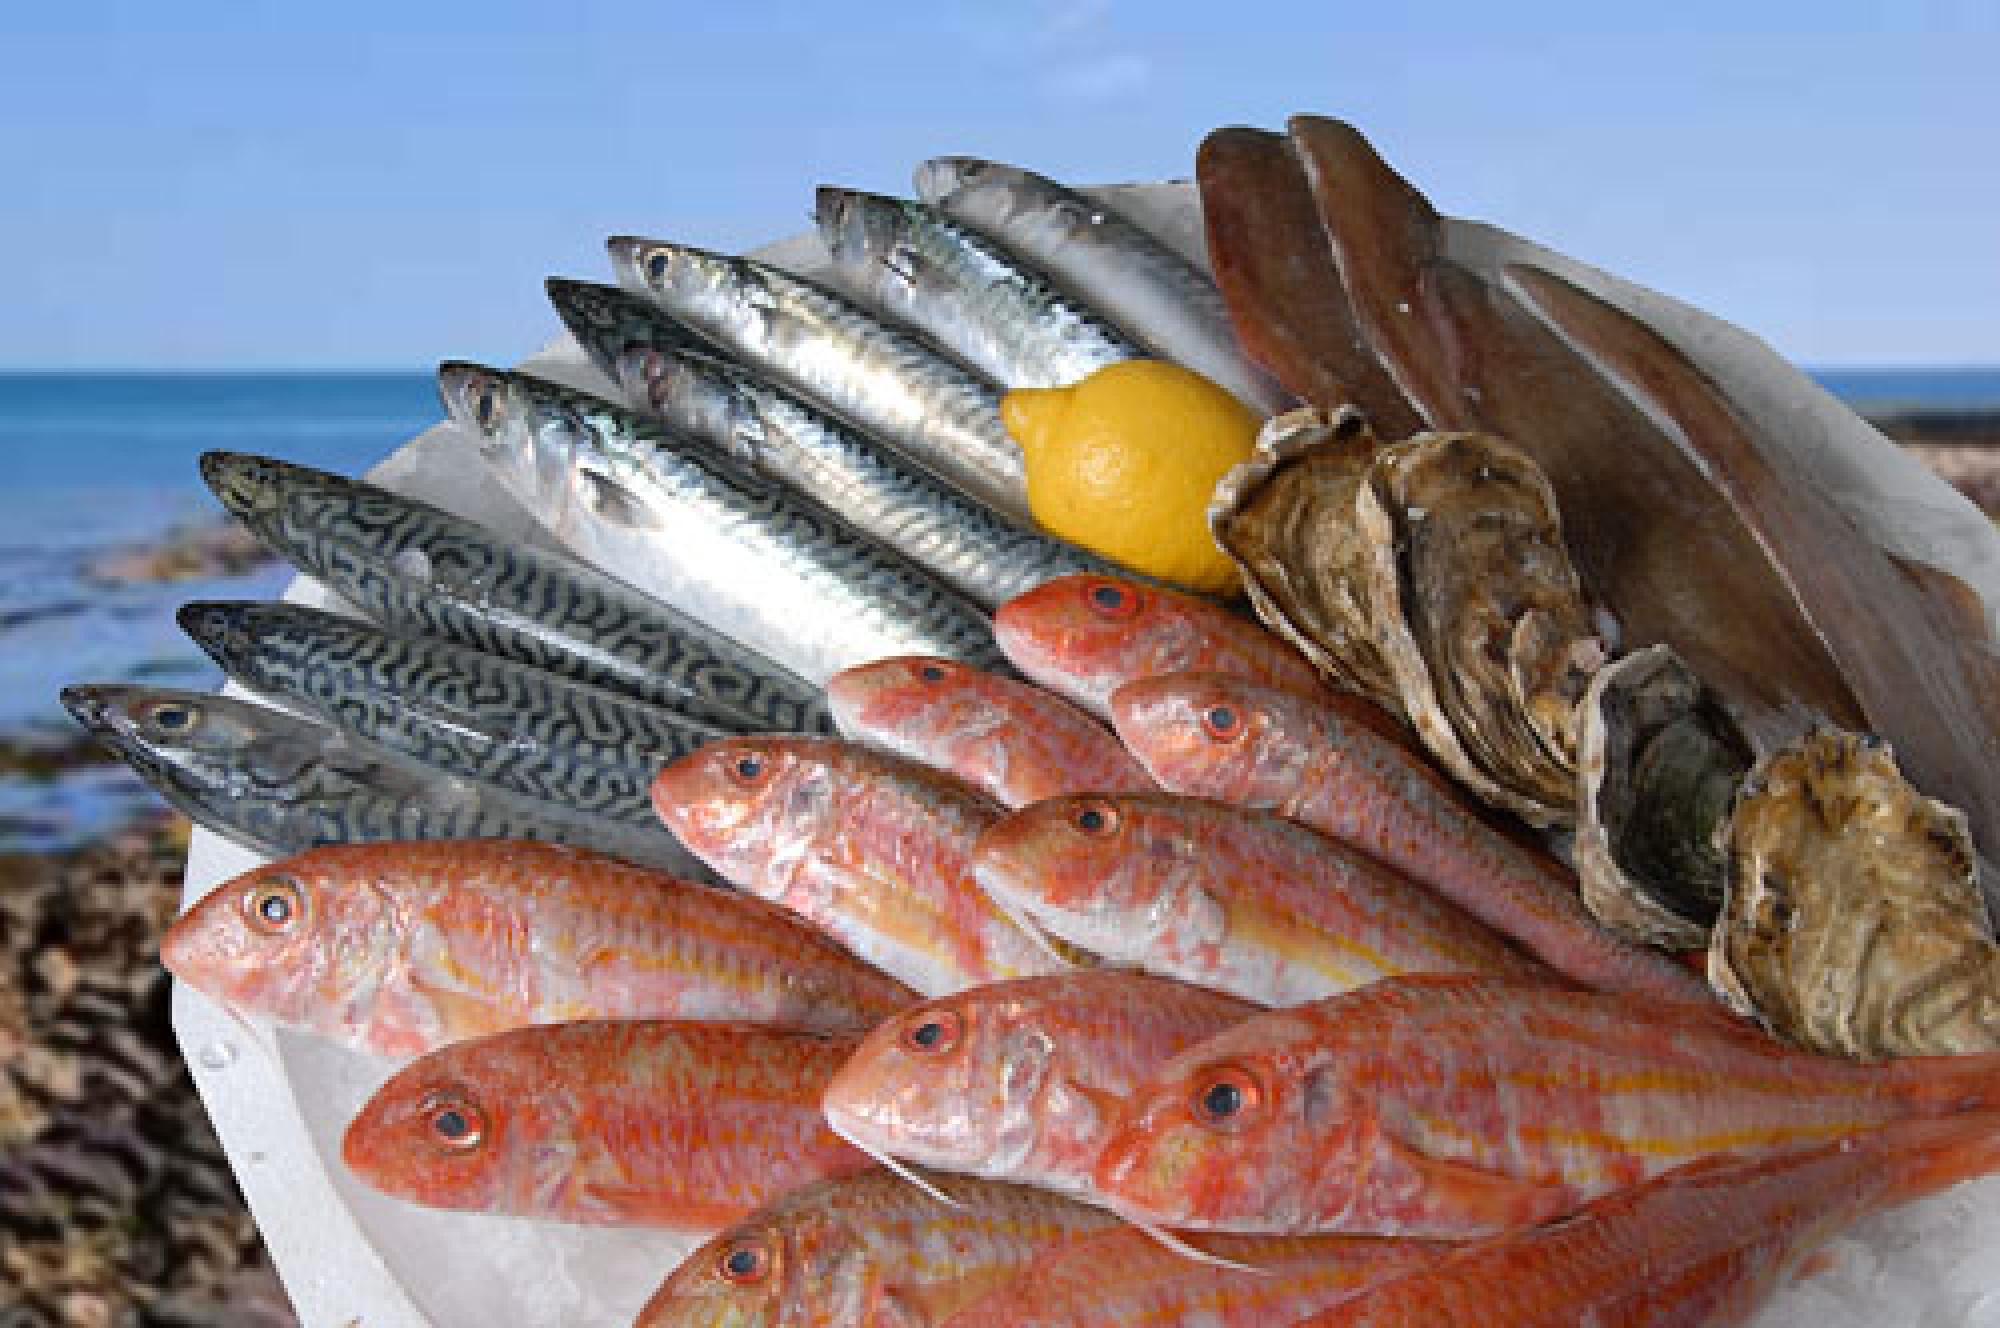 poissonnerie chez jeff du poissons frais pour le d jeuner de midi toota cassis. Black Bedroom Furniture Sets. Home Design Ideas